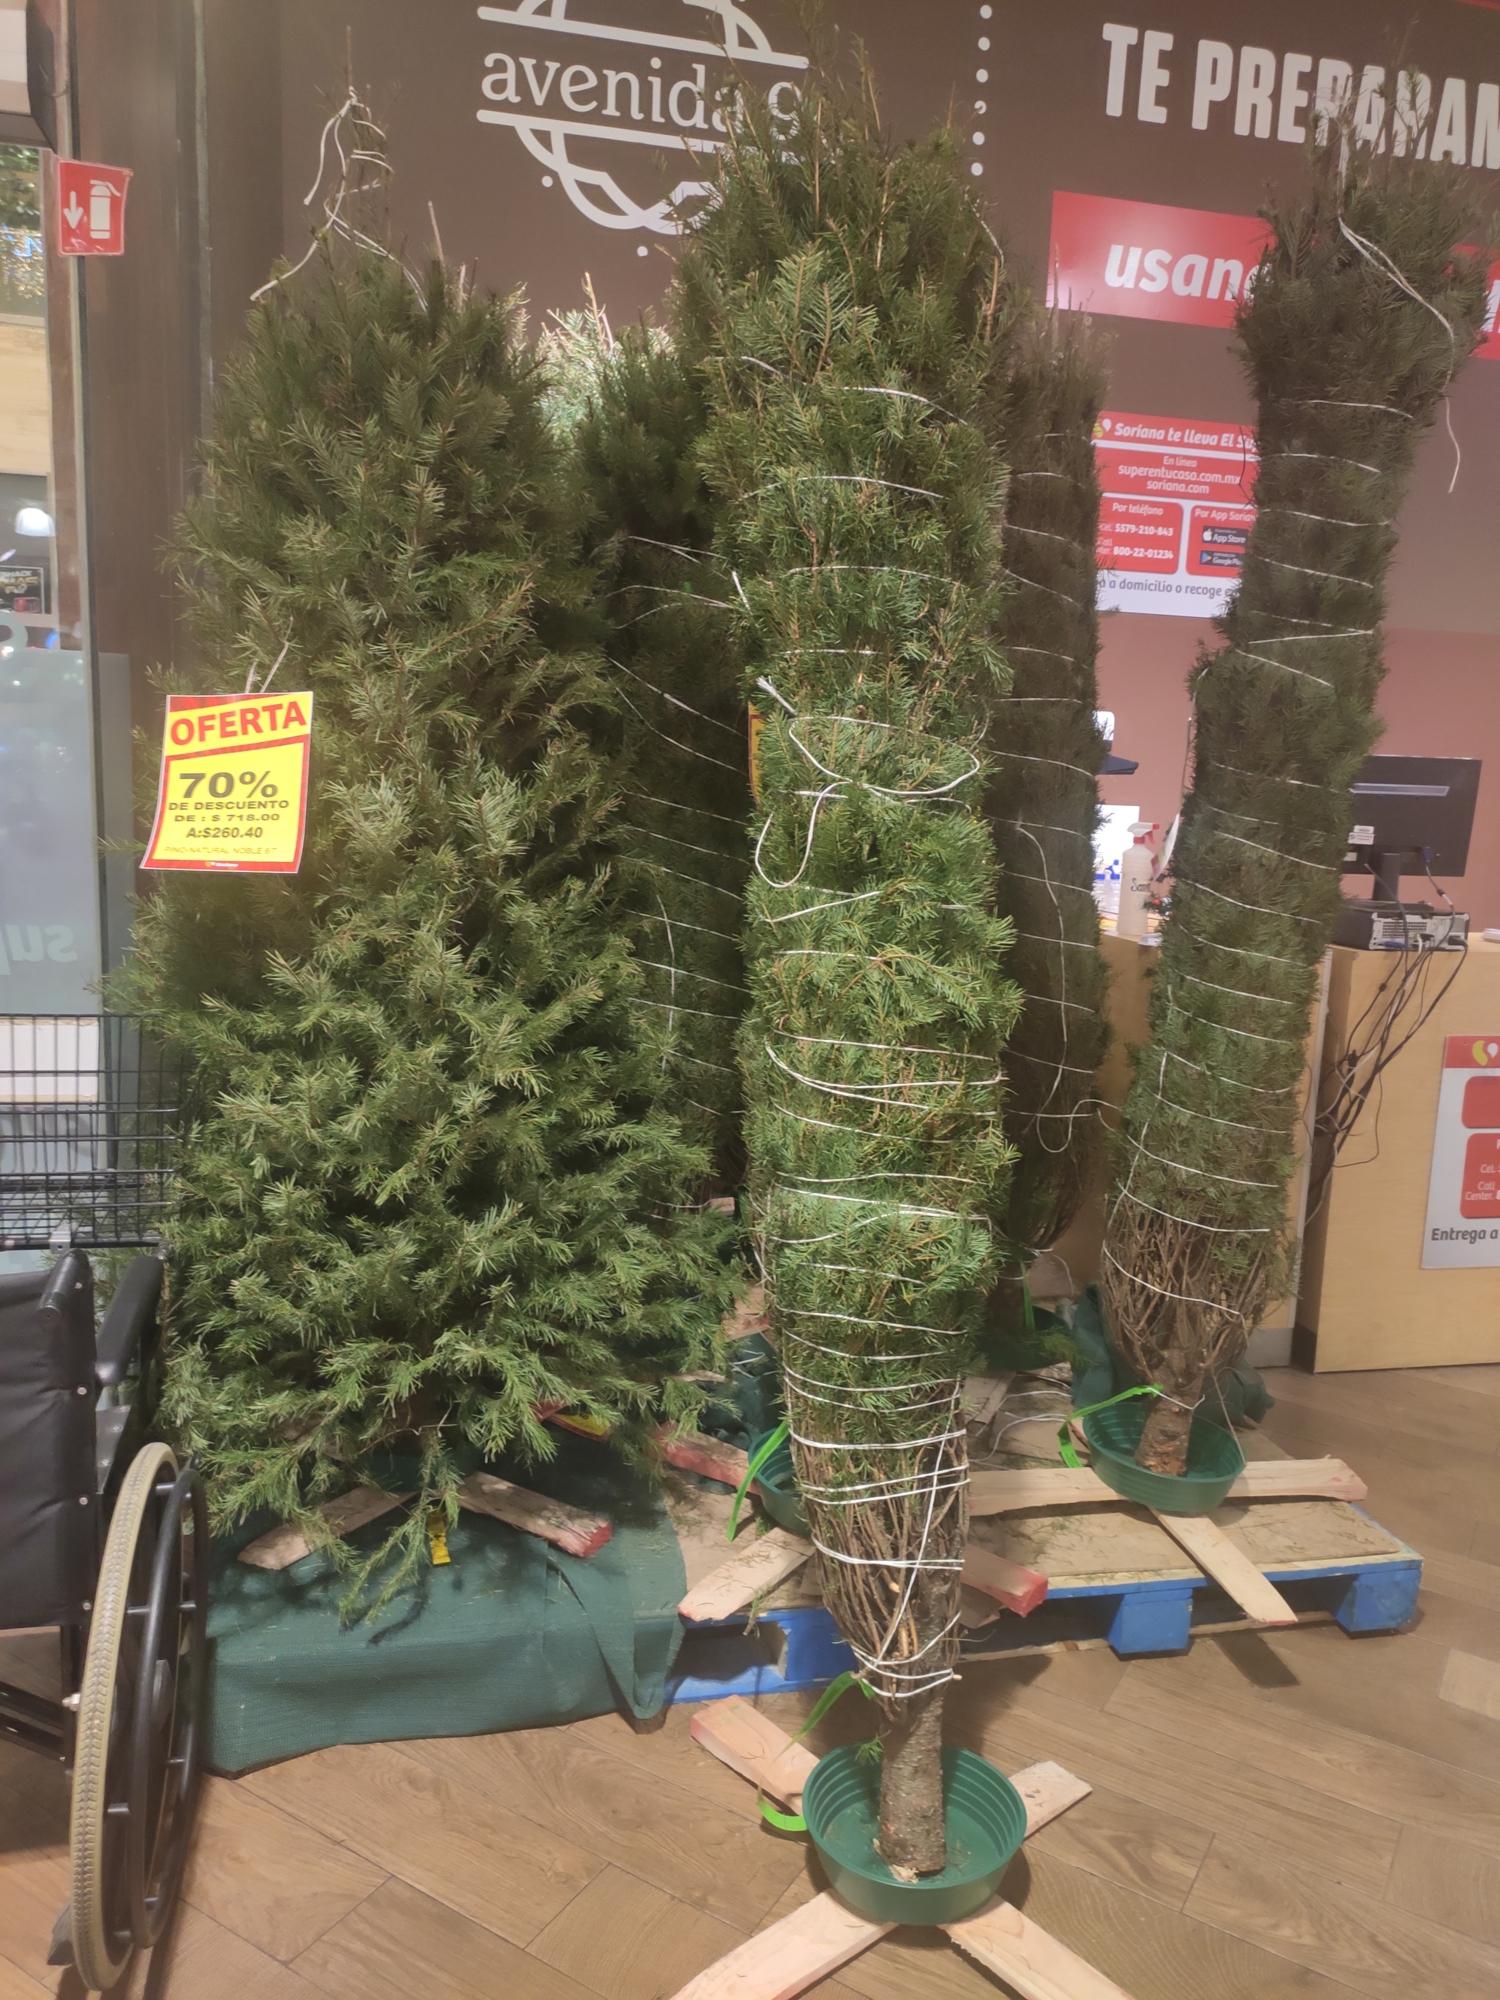 Árbol de navidad 2.60 metros a $260 - Soriana Miyana Polanco